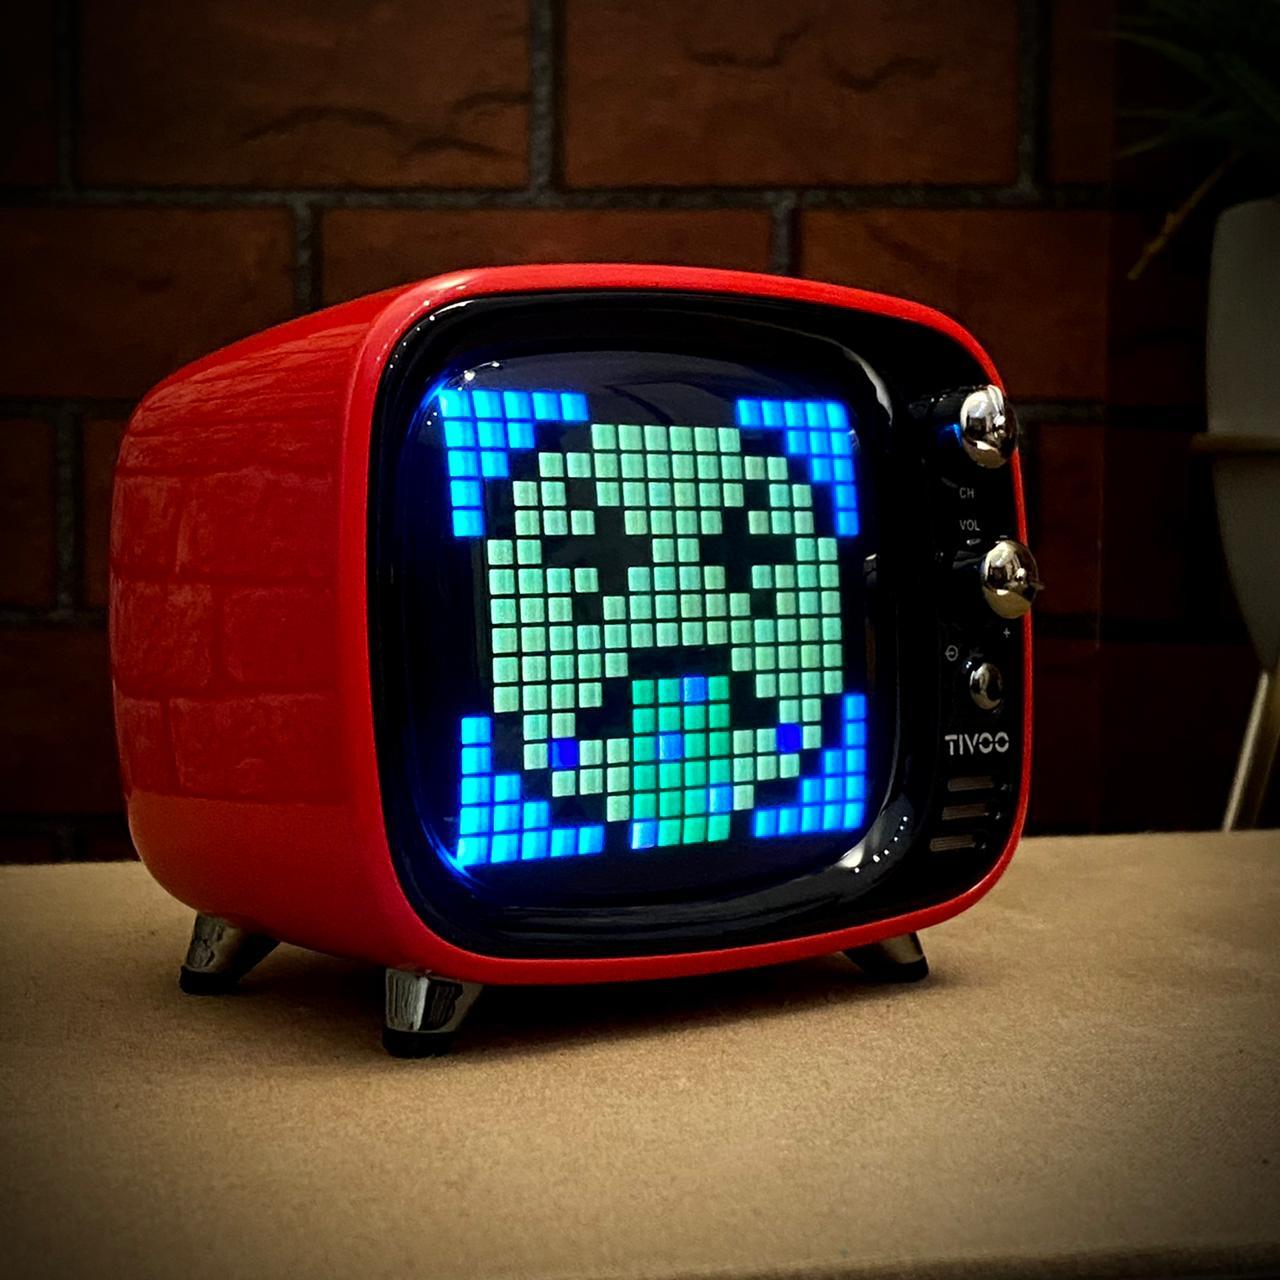 Caixa de Som Música Speaker Smart Bluetooth Tv Tivoo Smart Vermelho - Divoom